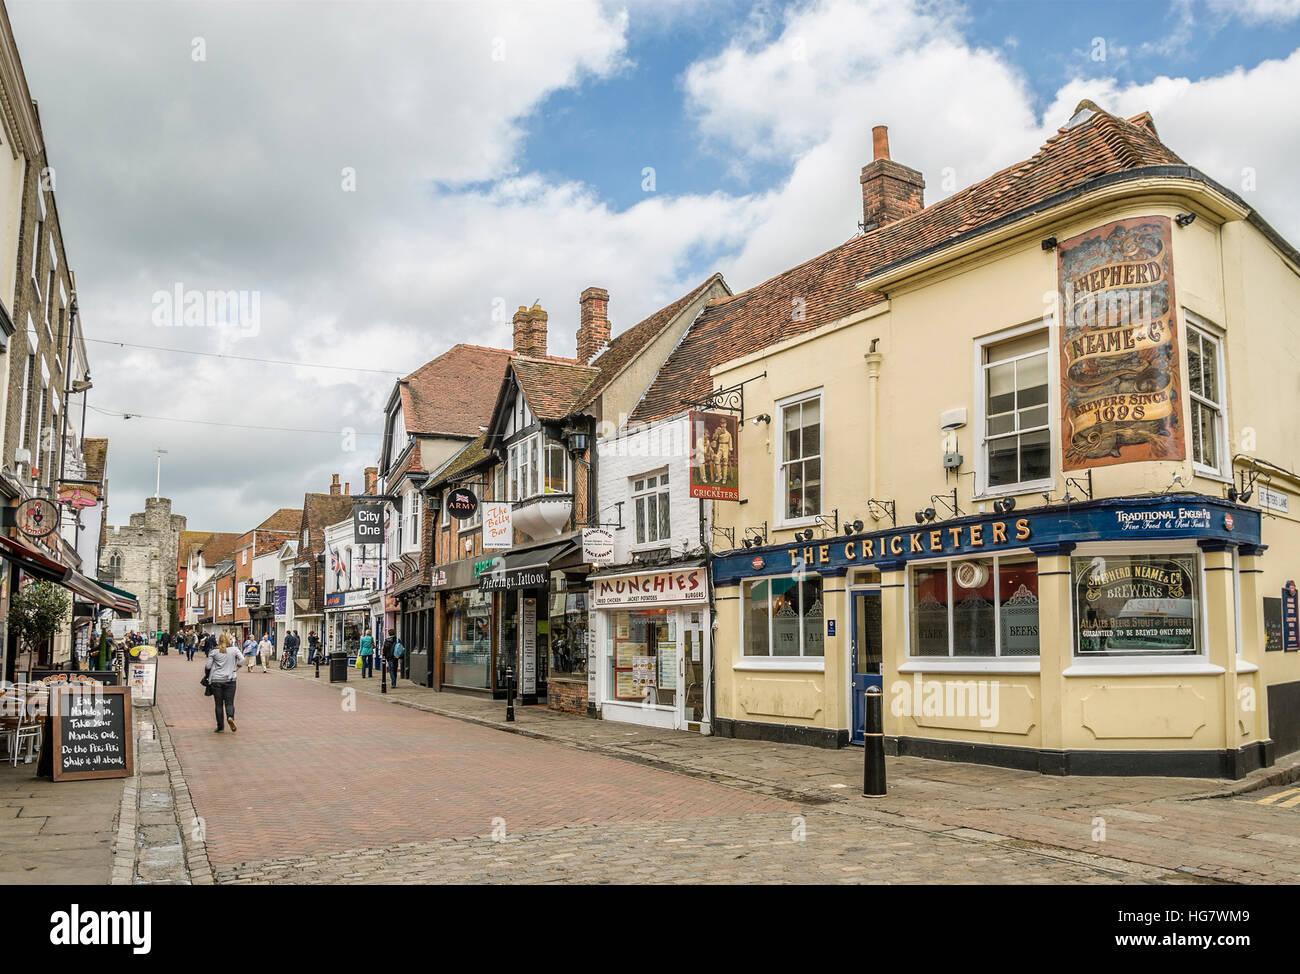 Edificios históricos y tiendas en el casco antiguo de la ciudad de Canterbury, en el condado de Kent, Sureste Imagen De Stock